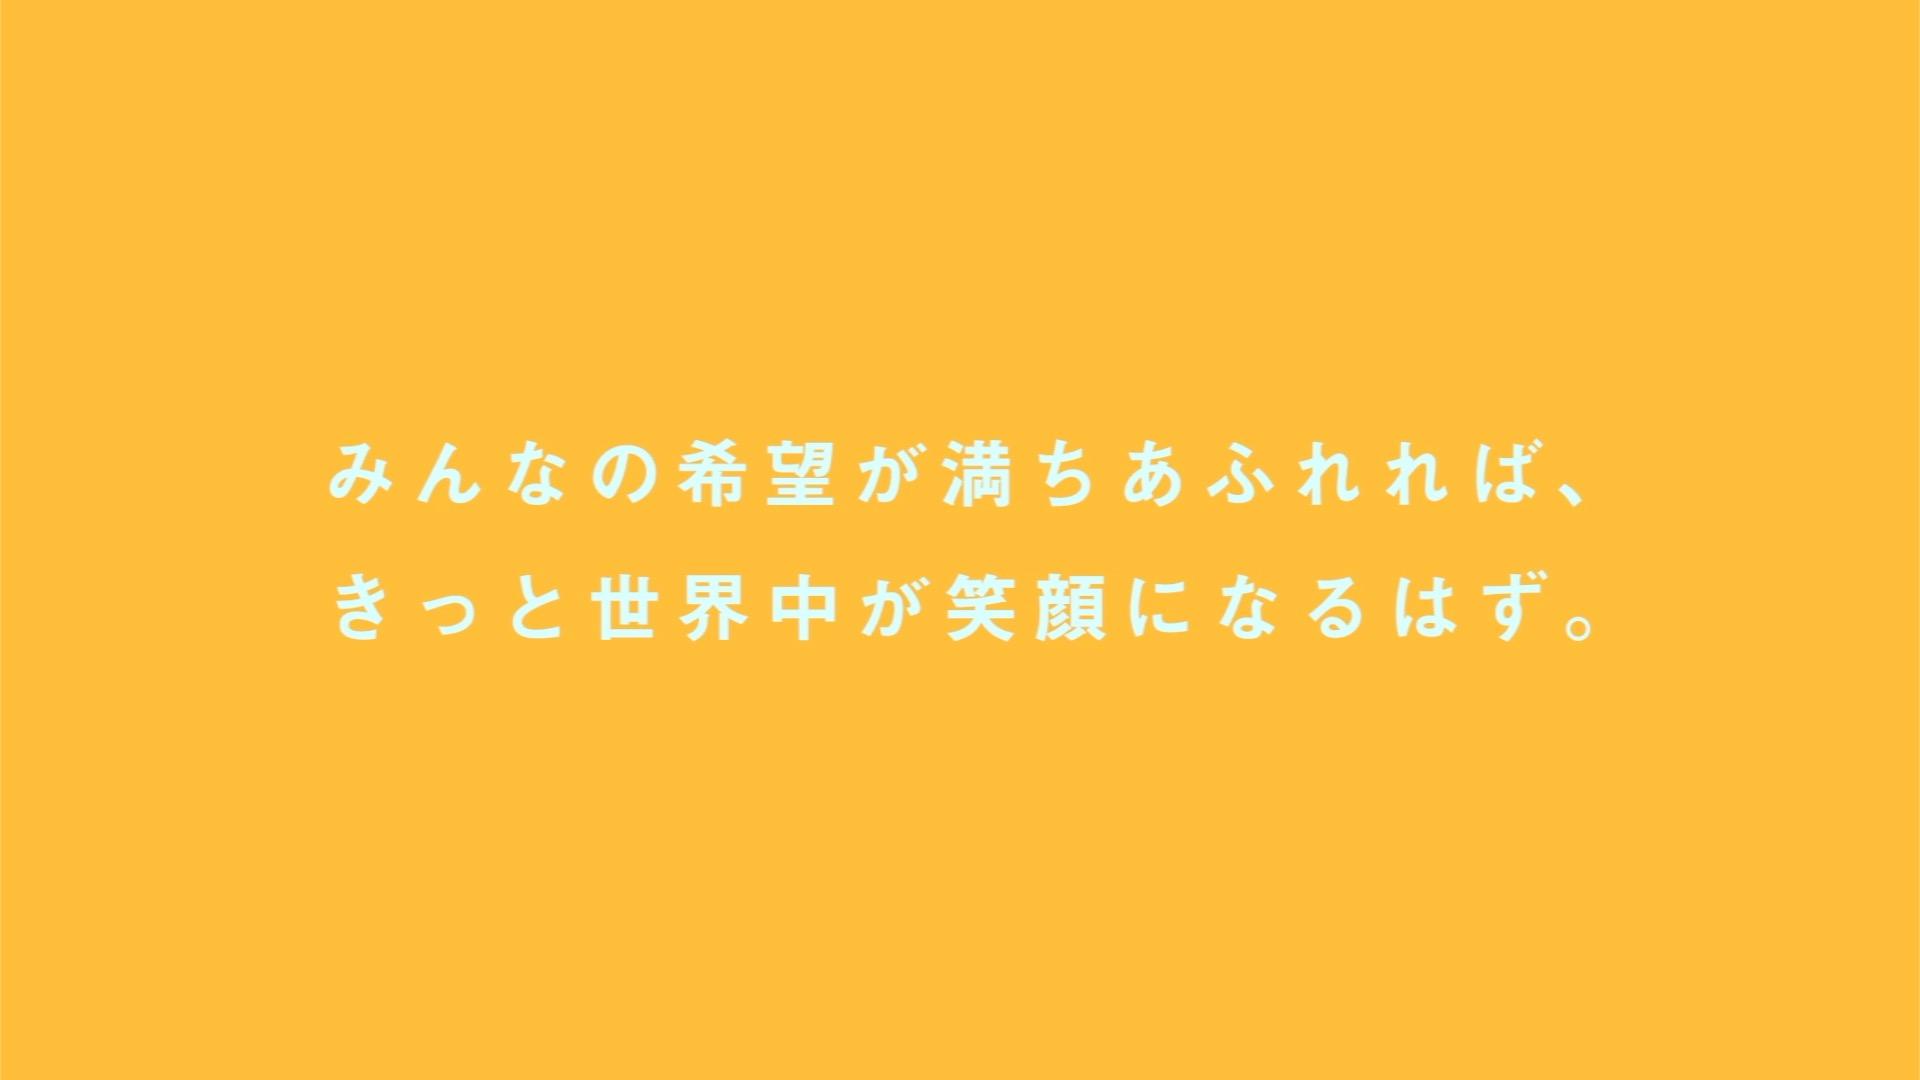 実績紹介イメージ